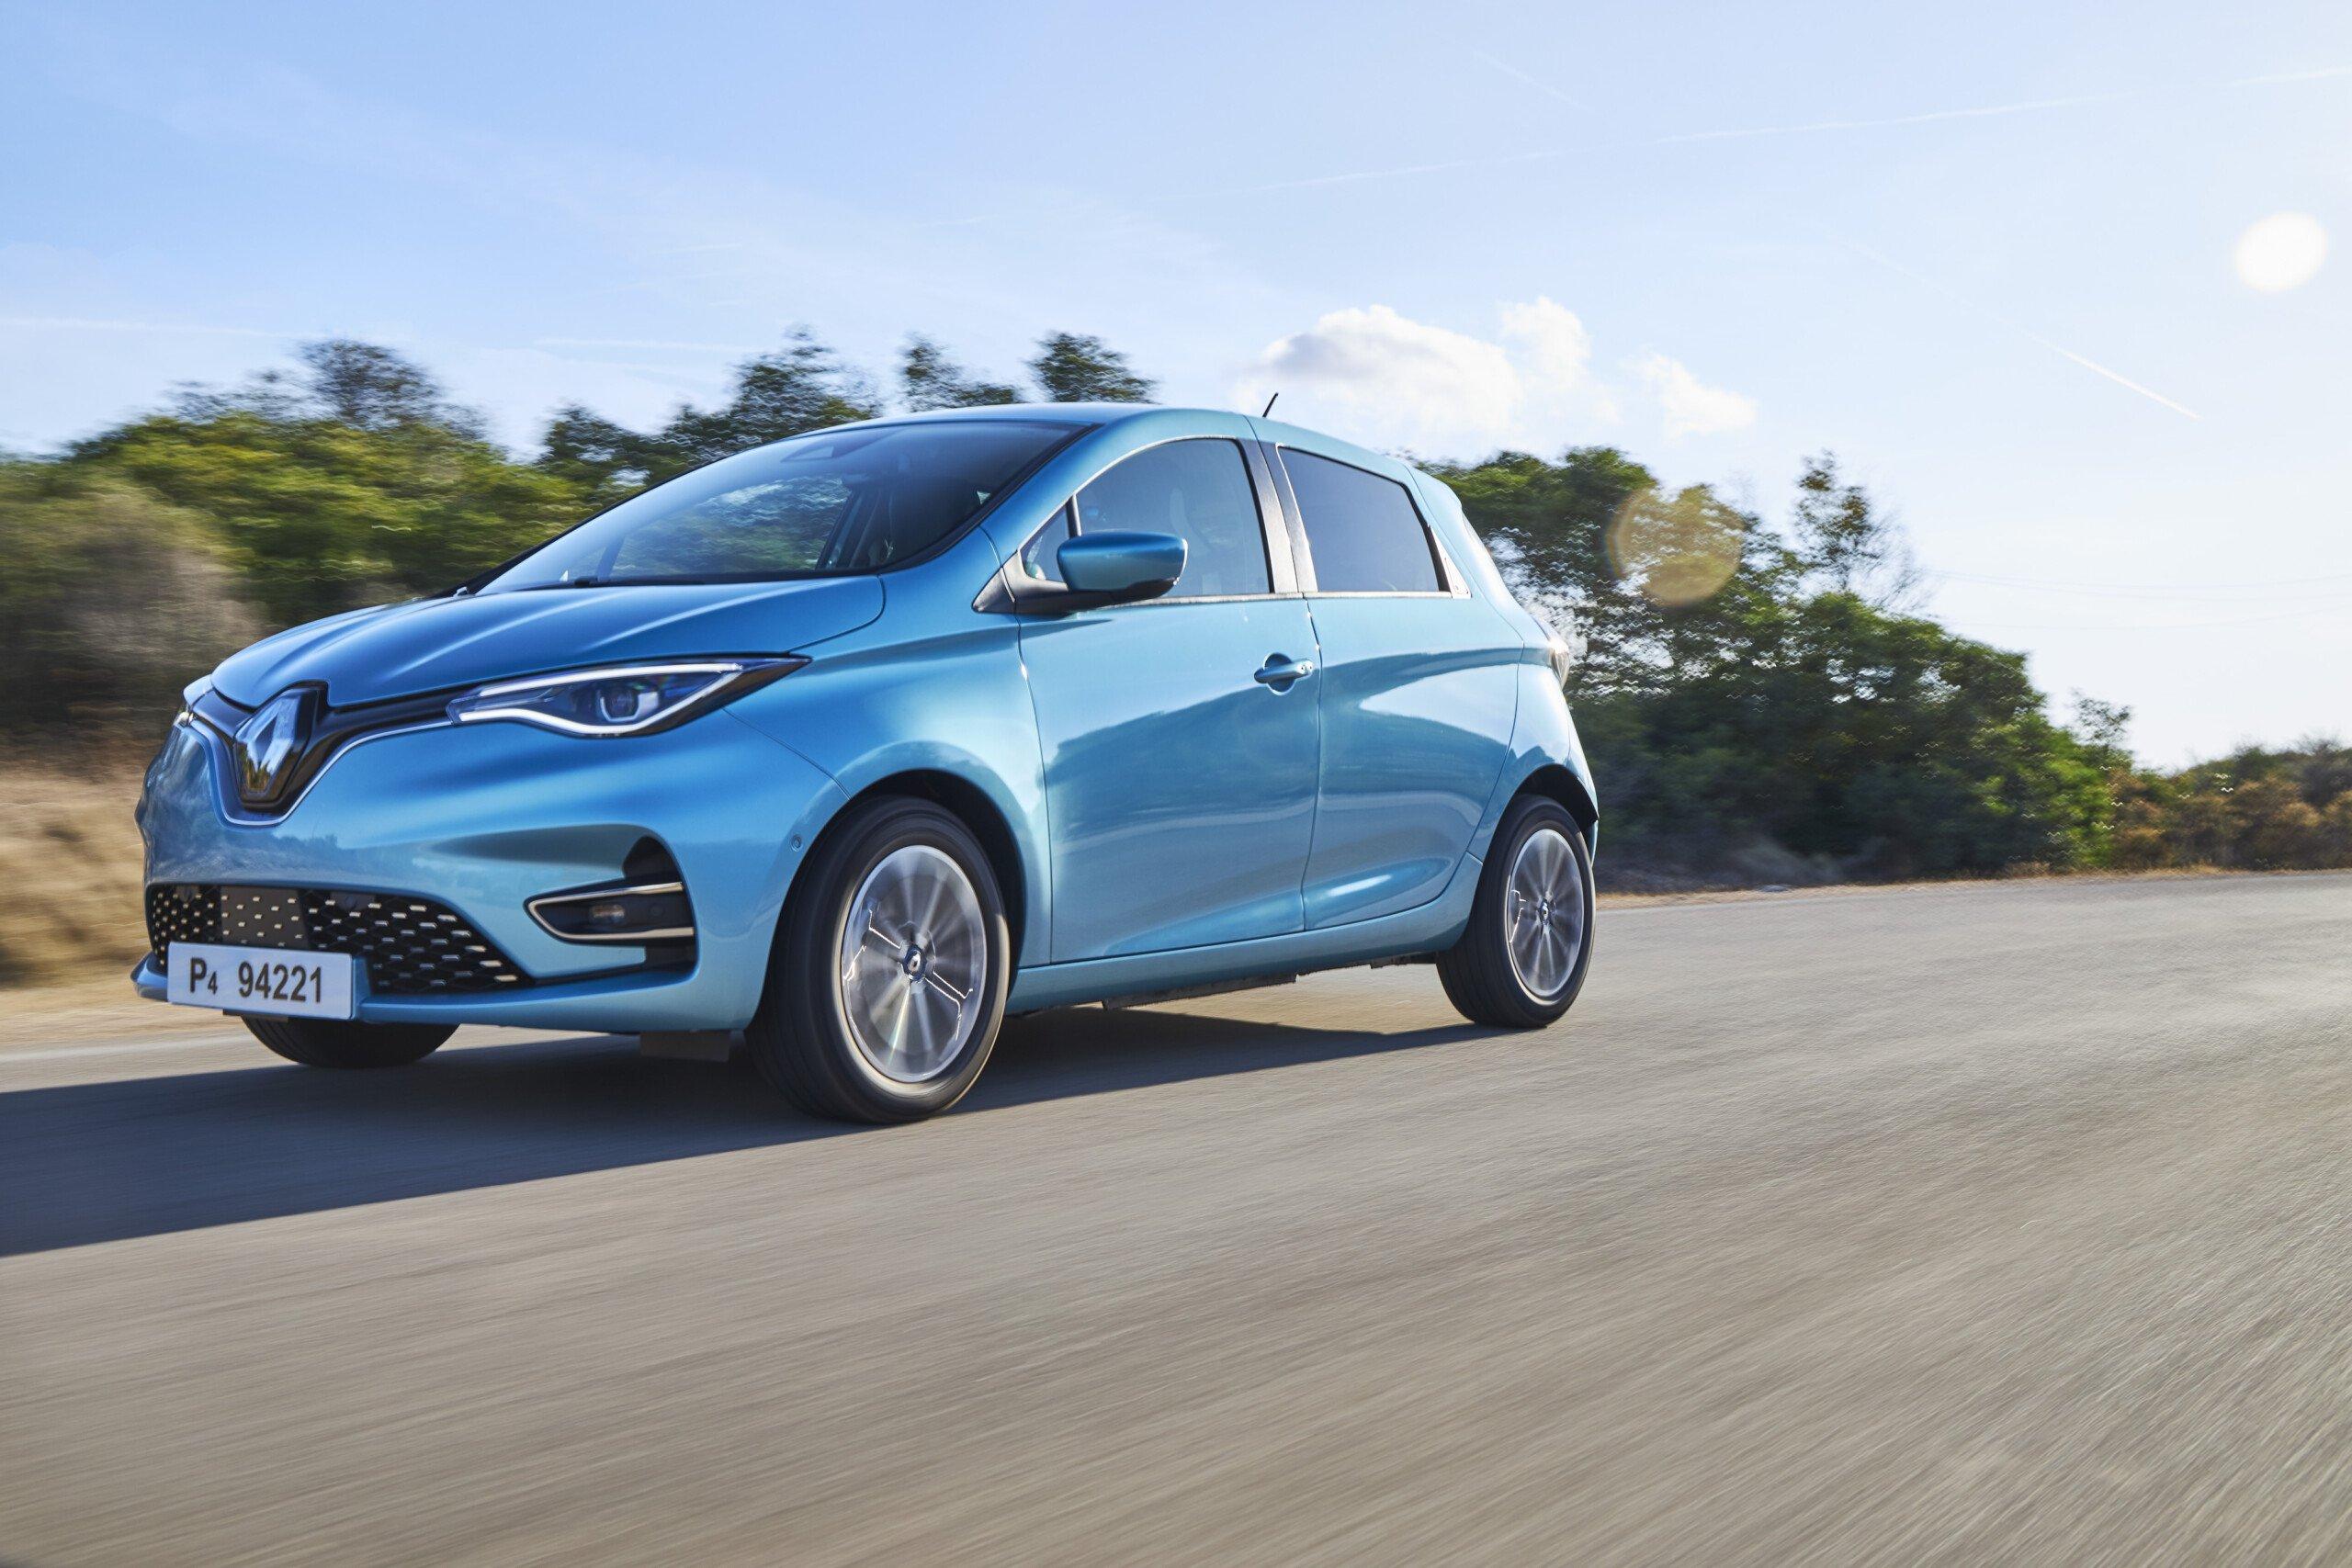 Essai de la Renault Zoé: que vaut l'électrique la plus vendue en France?